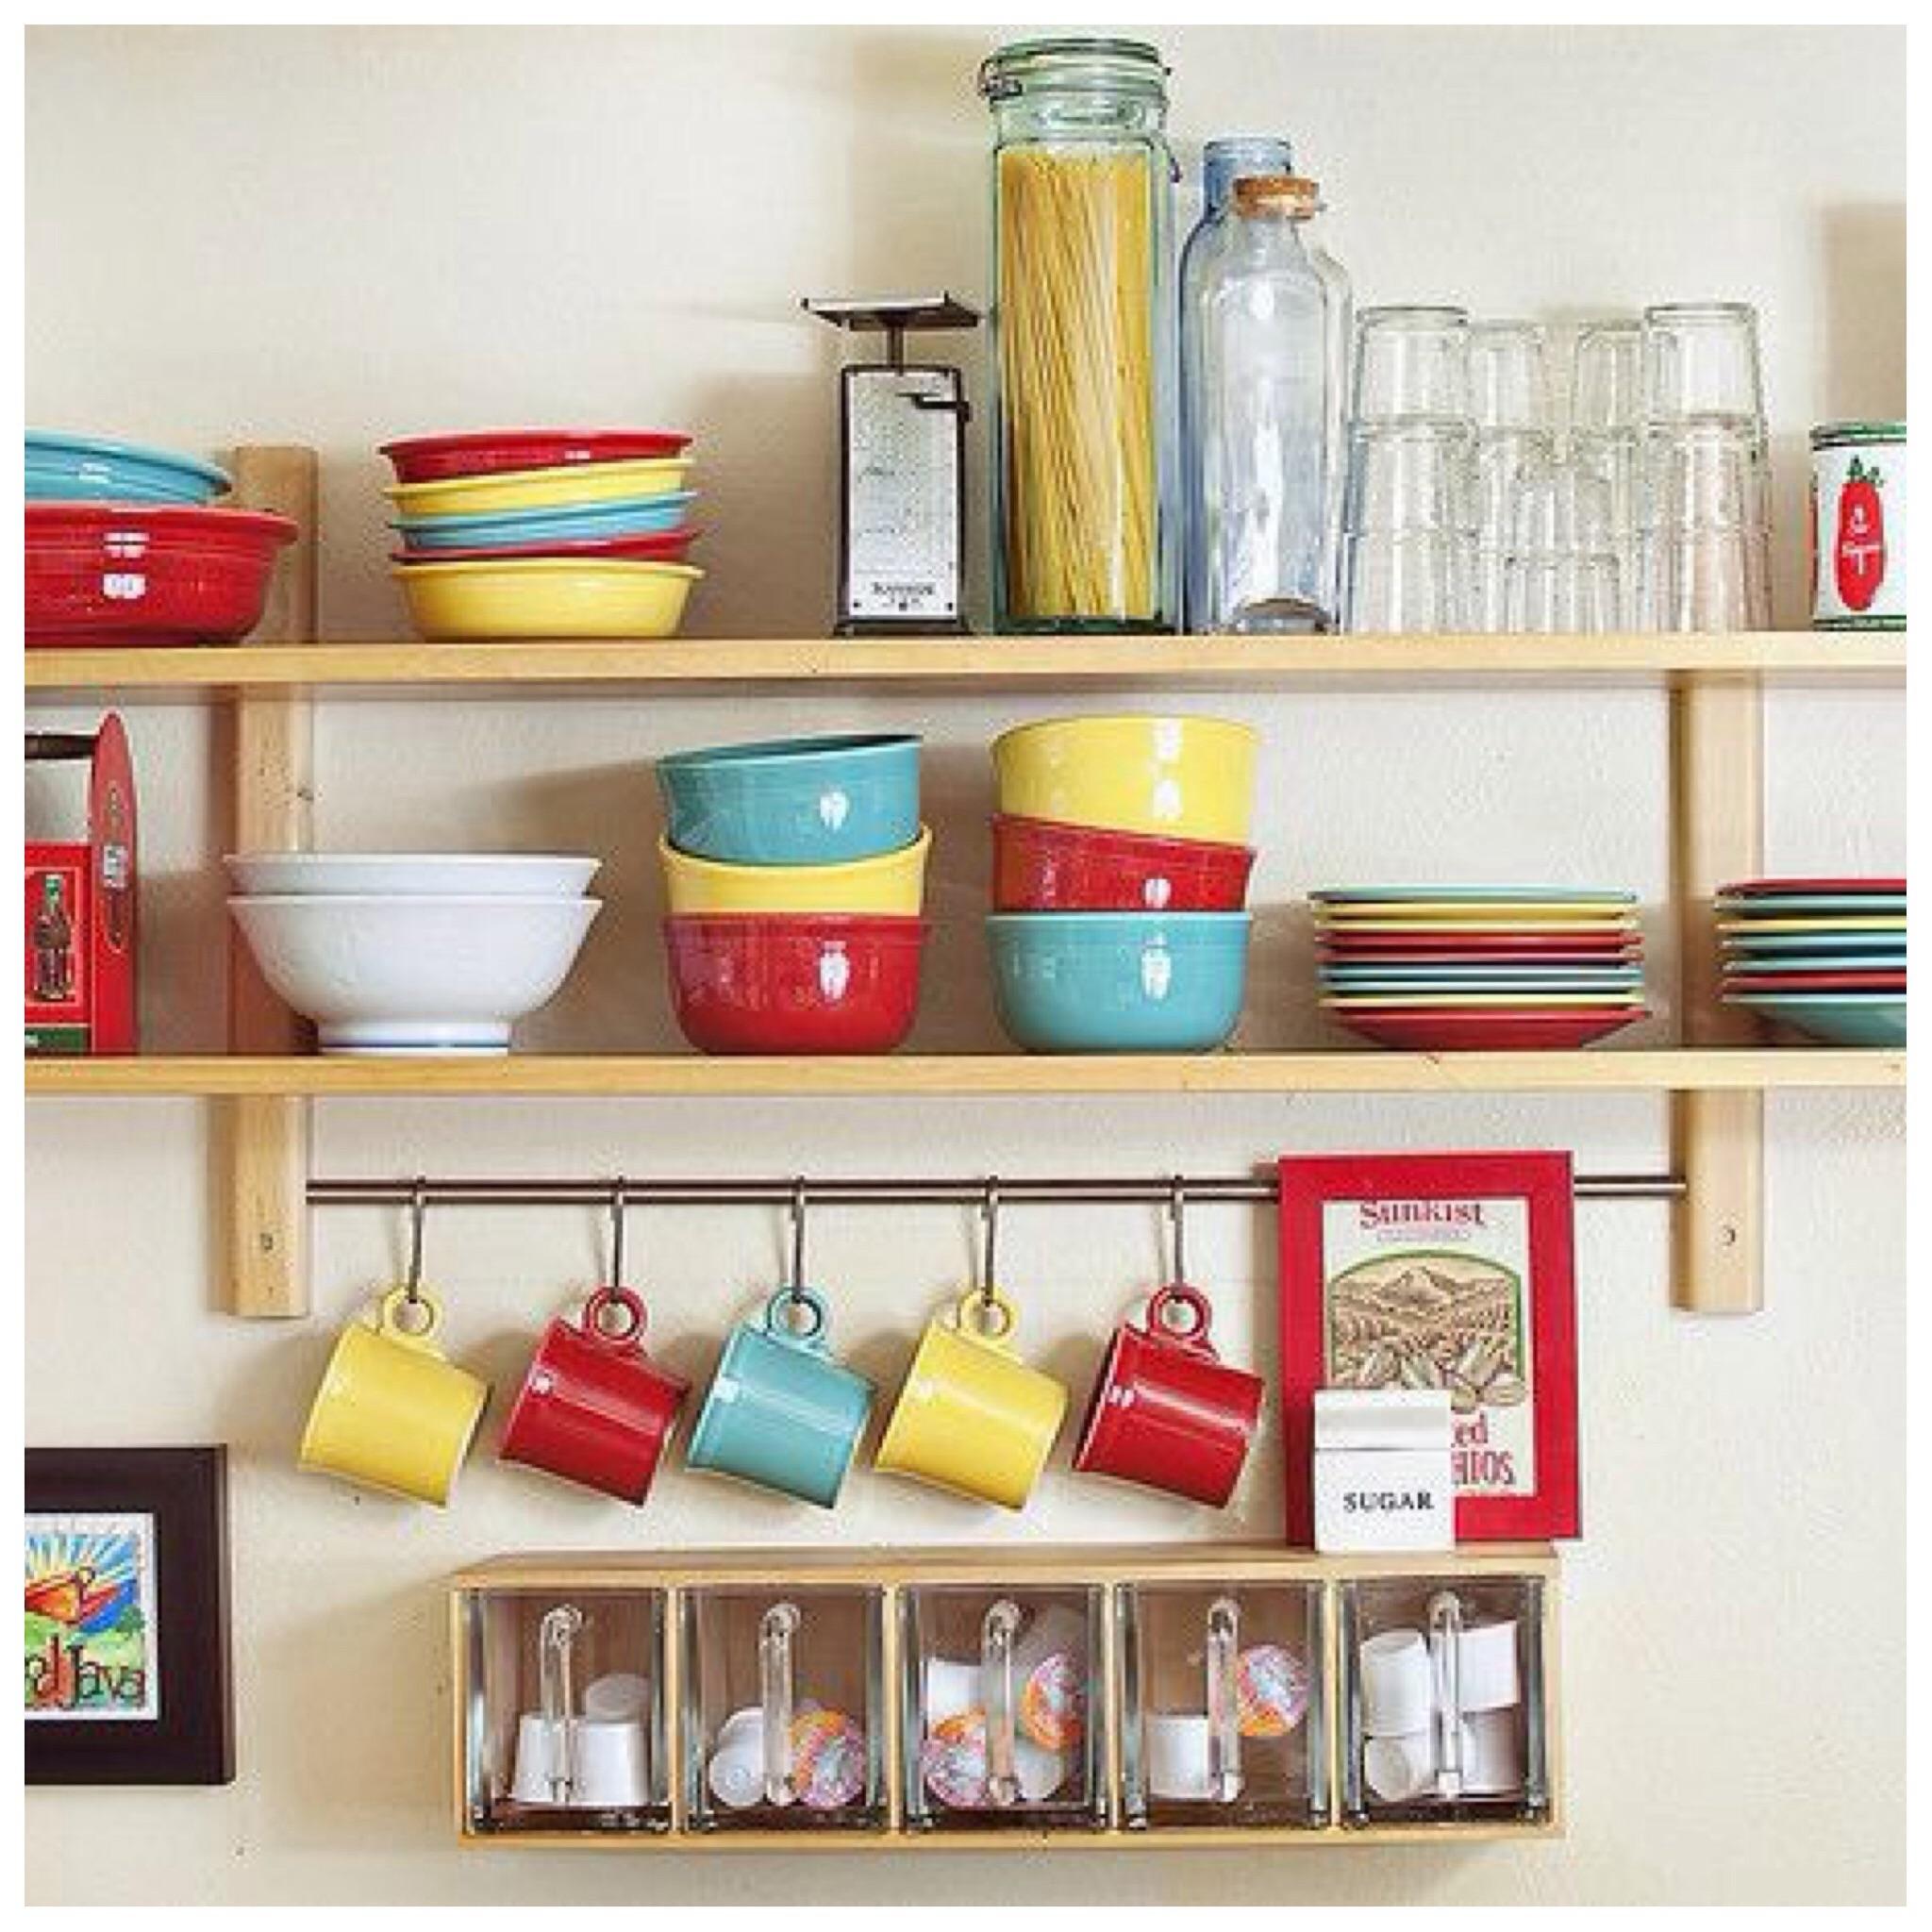 3 estilos para decorar estanter as de cocina - Estanterias para cocina ...